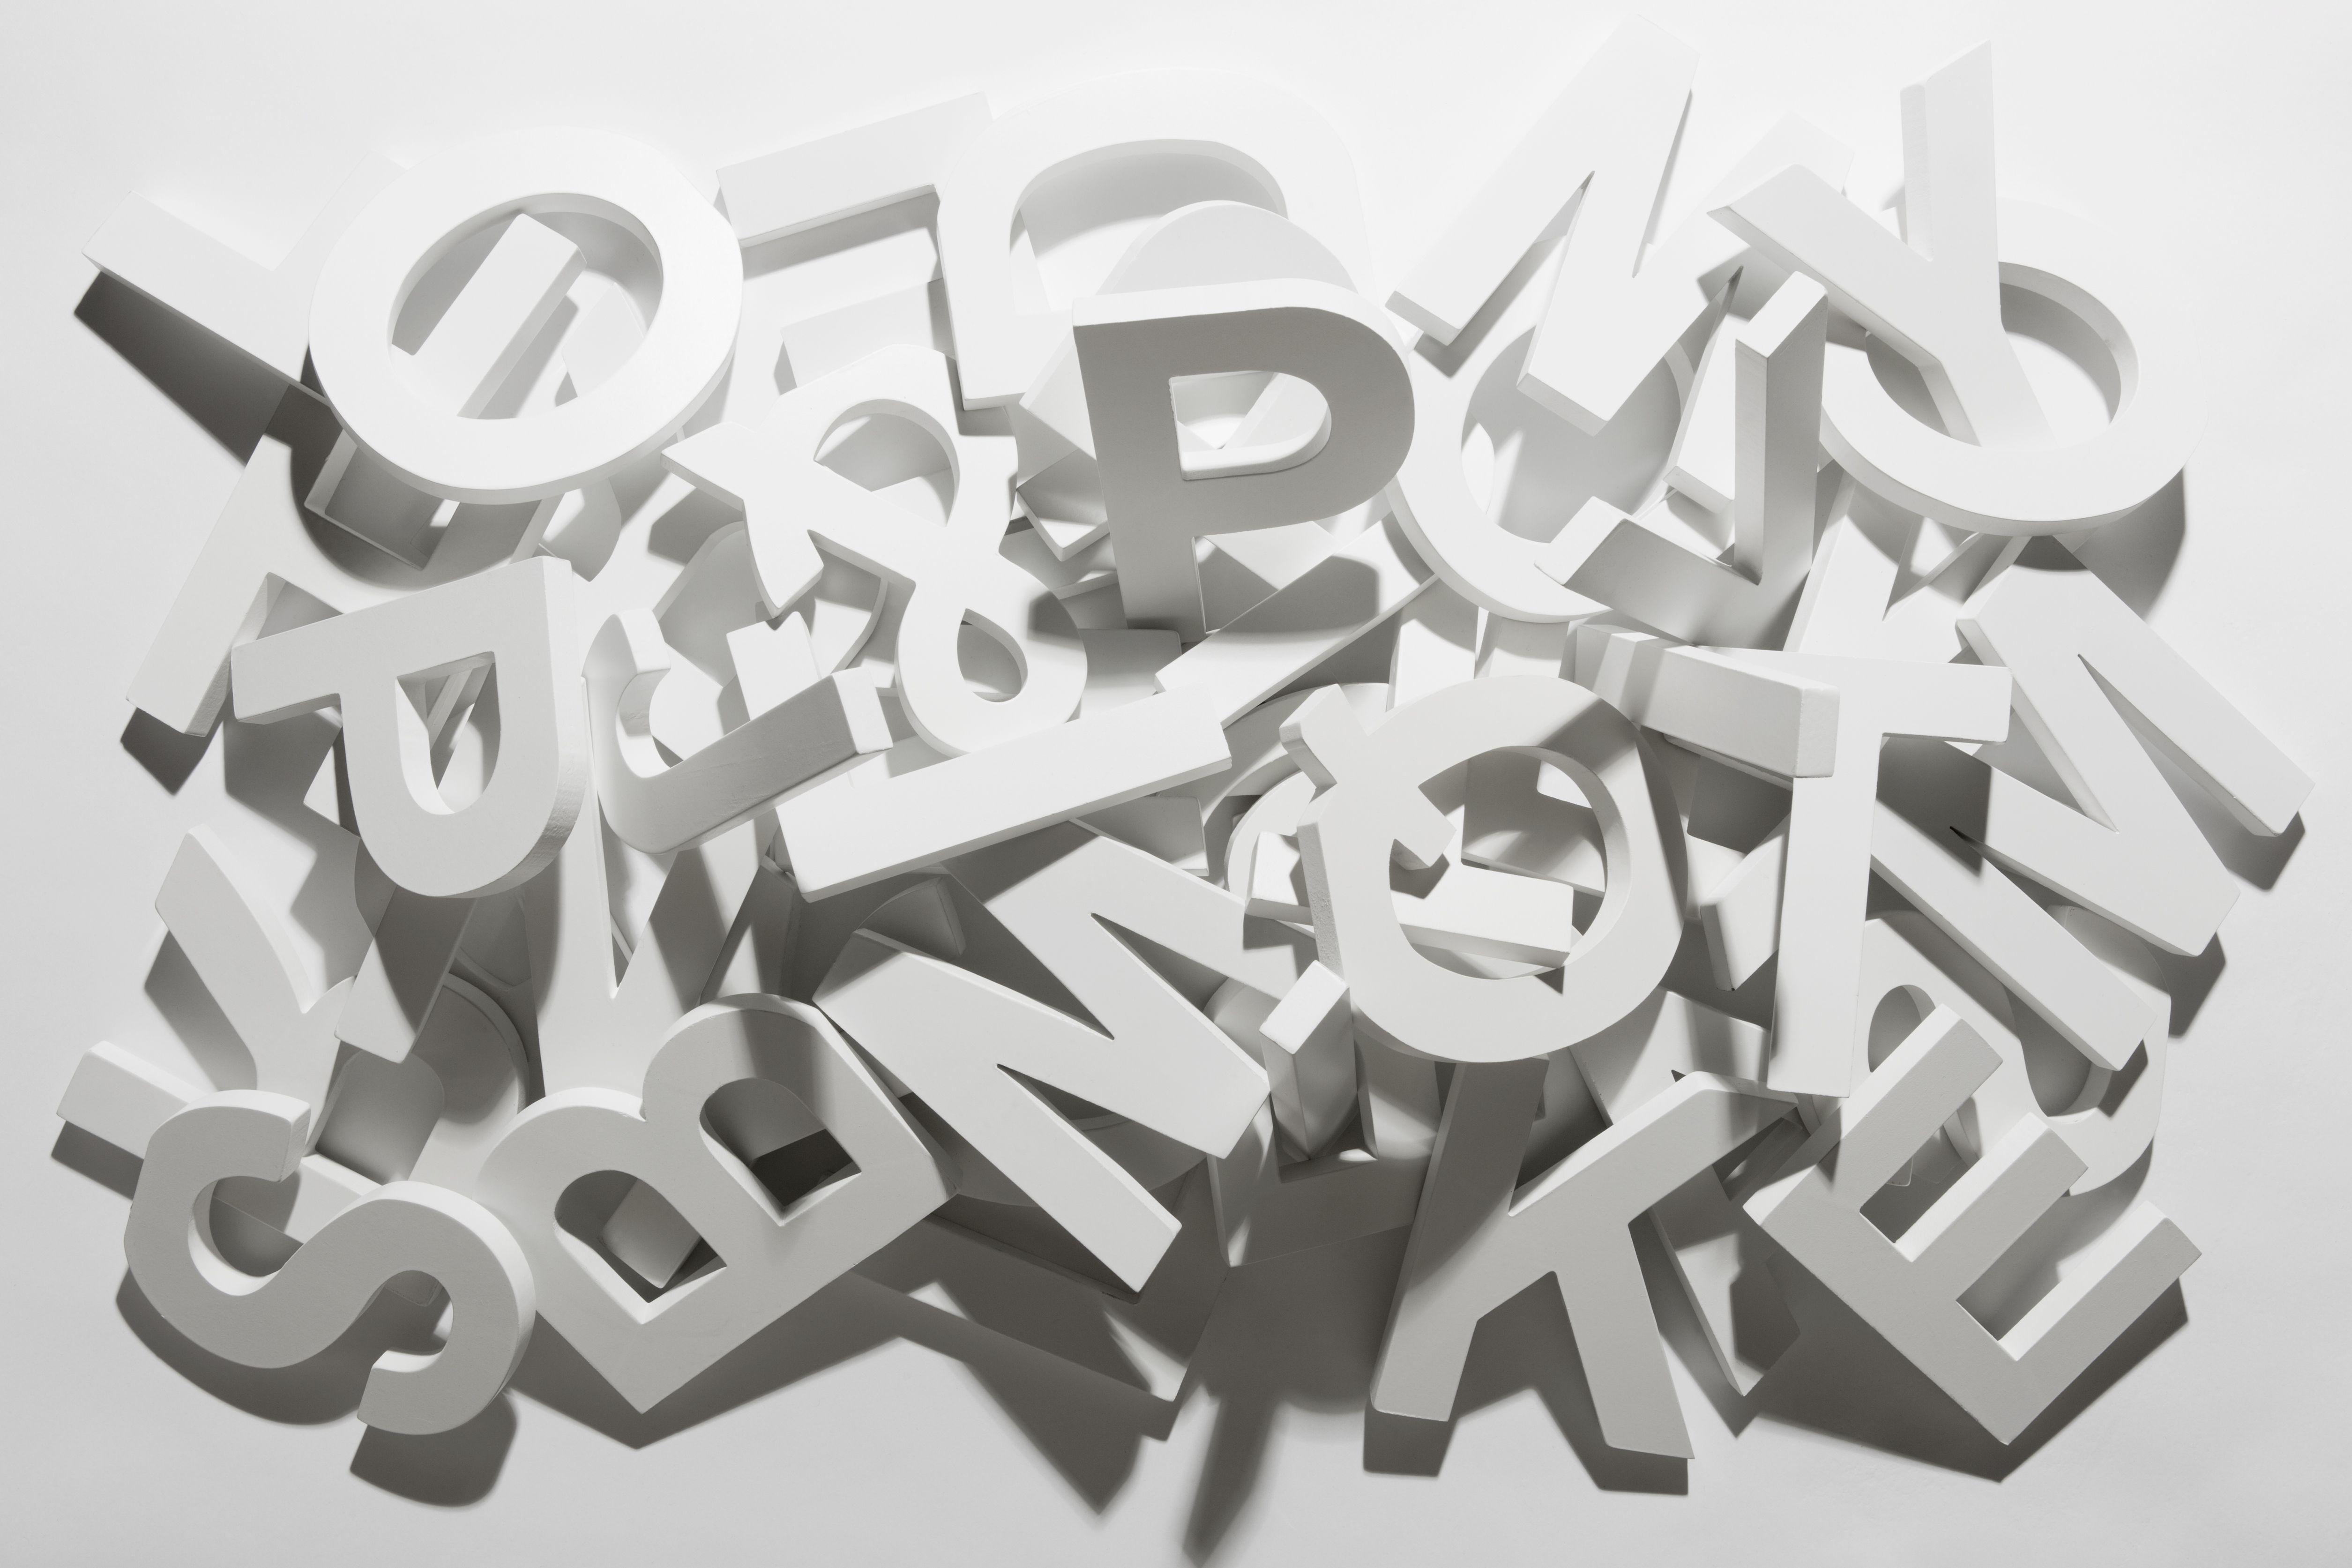 How To Delete Truetype Or Opentype Fonts In Windows